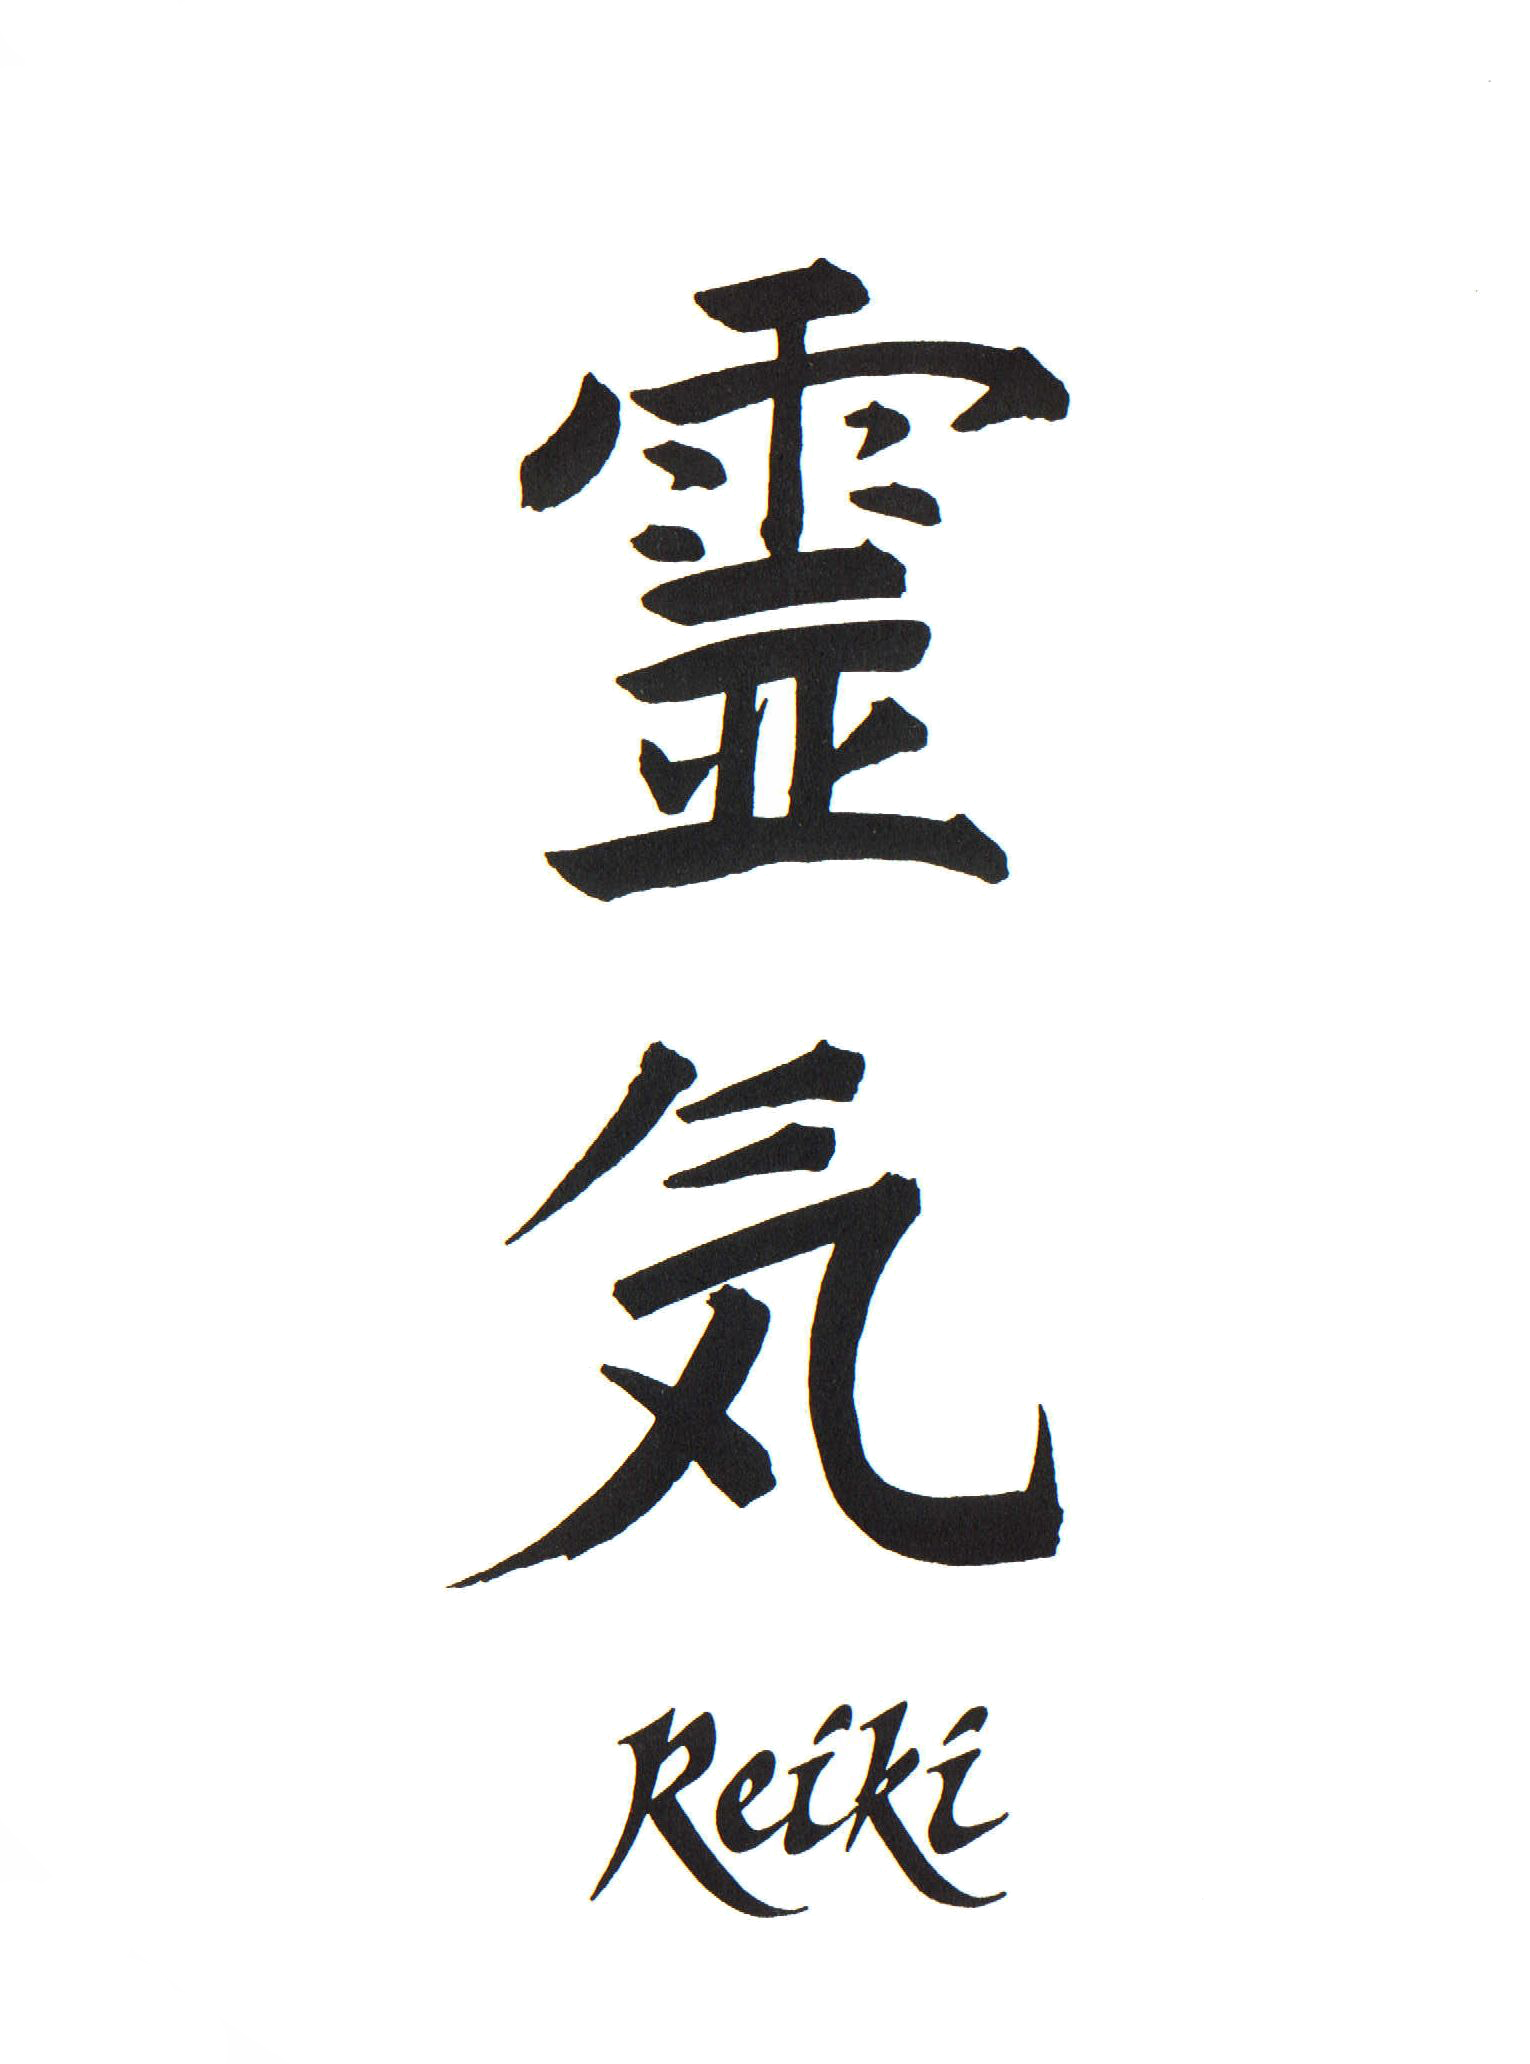 Reiki kanji